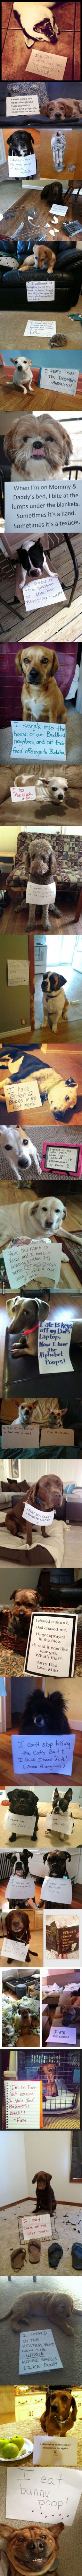 Dog Confessions m.9gag.com/